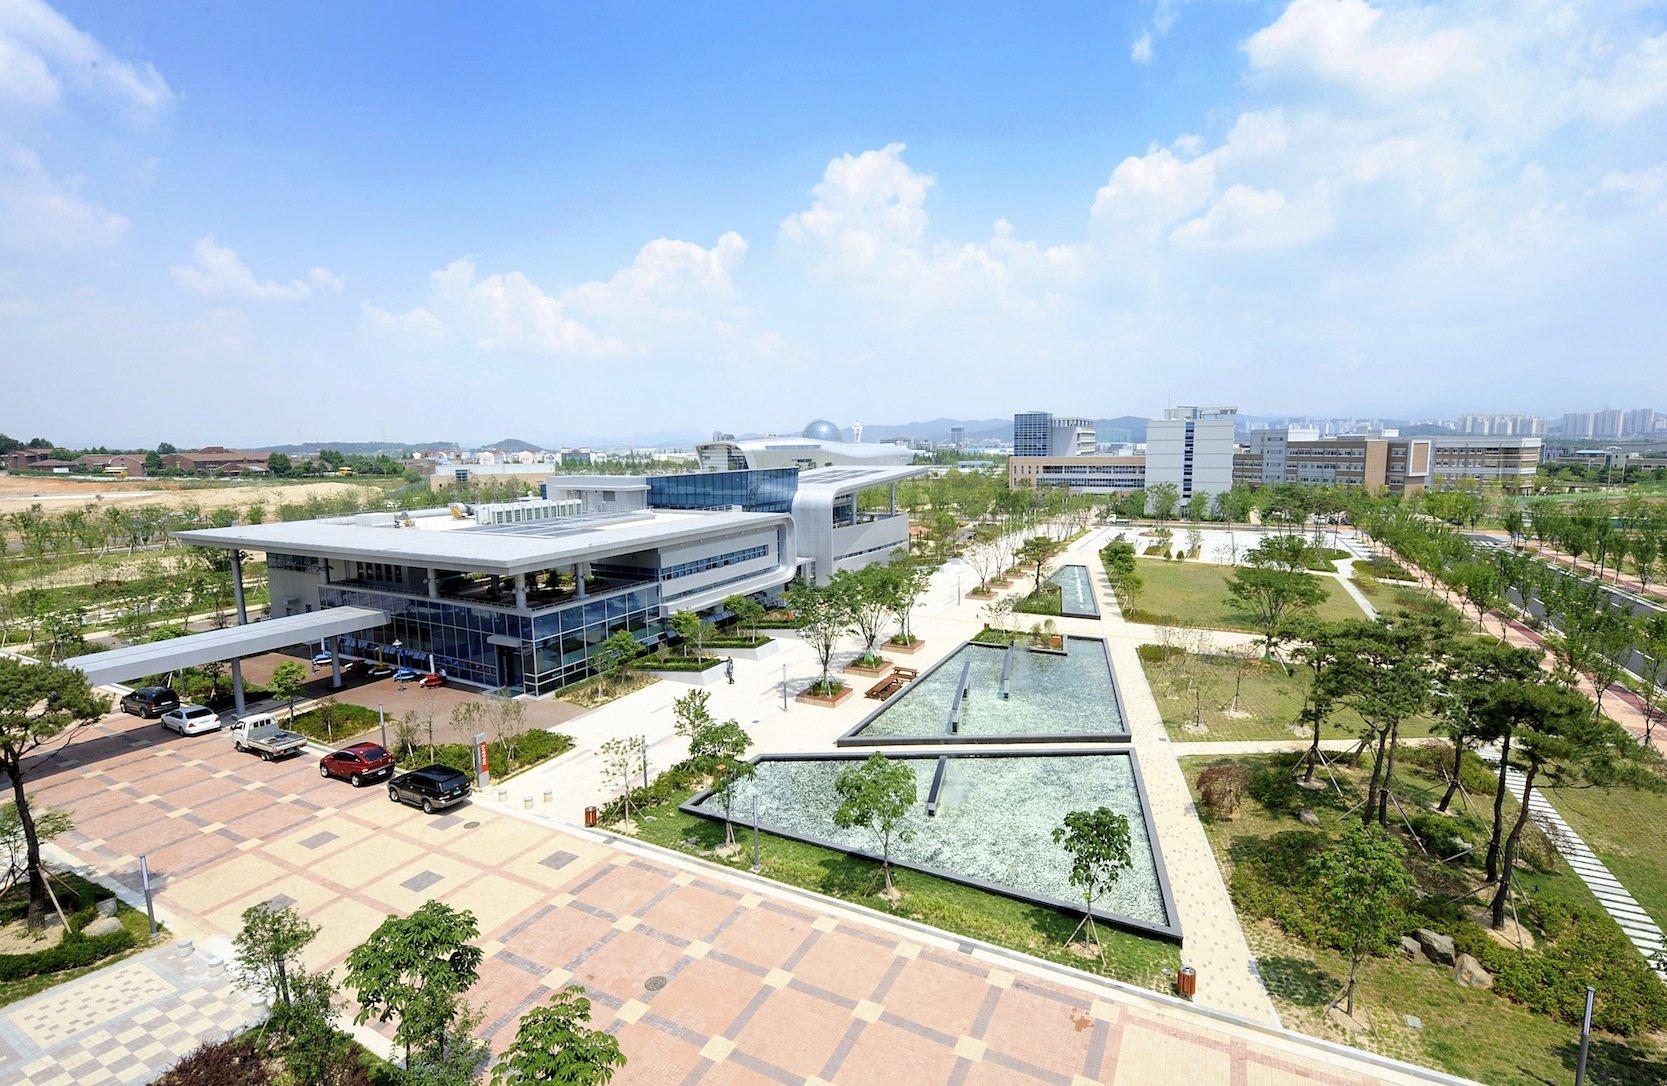 Das GIST-Institut in Südkorea beschäftigt sich besonders mit flexiblen Solarzellen, die auch für medizinische Zwecke eingesetzt werden.